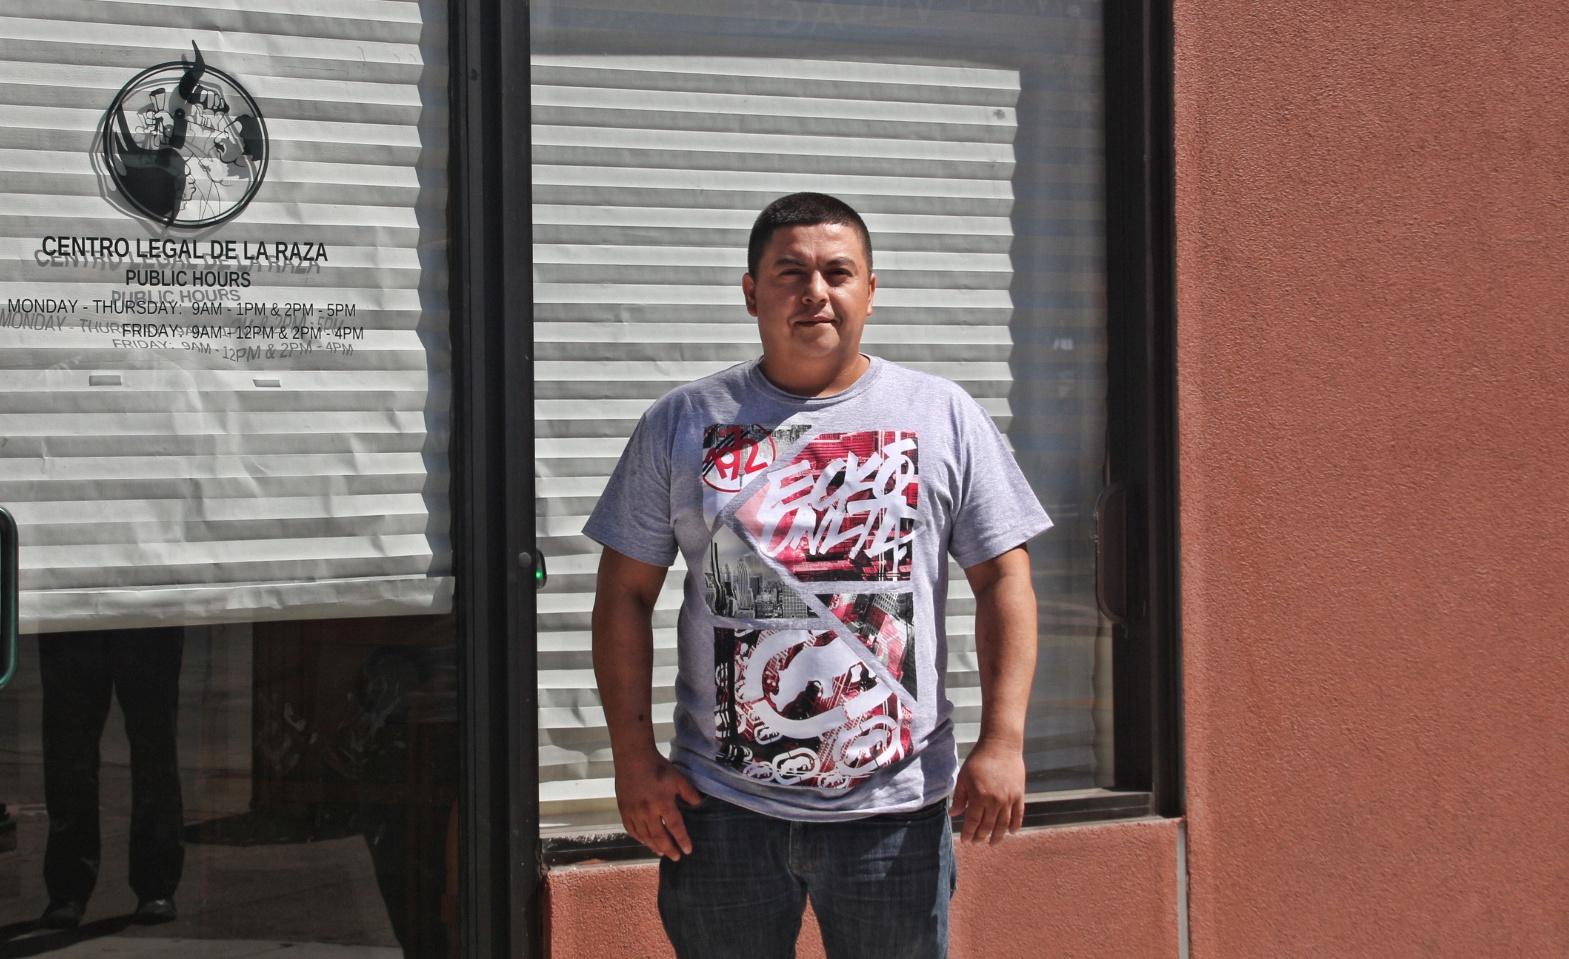 William Navarette stands infront of Centro Legal de la Raza office in Oakland. Photo by Sana Saleem